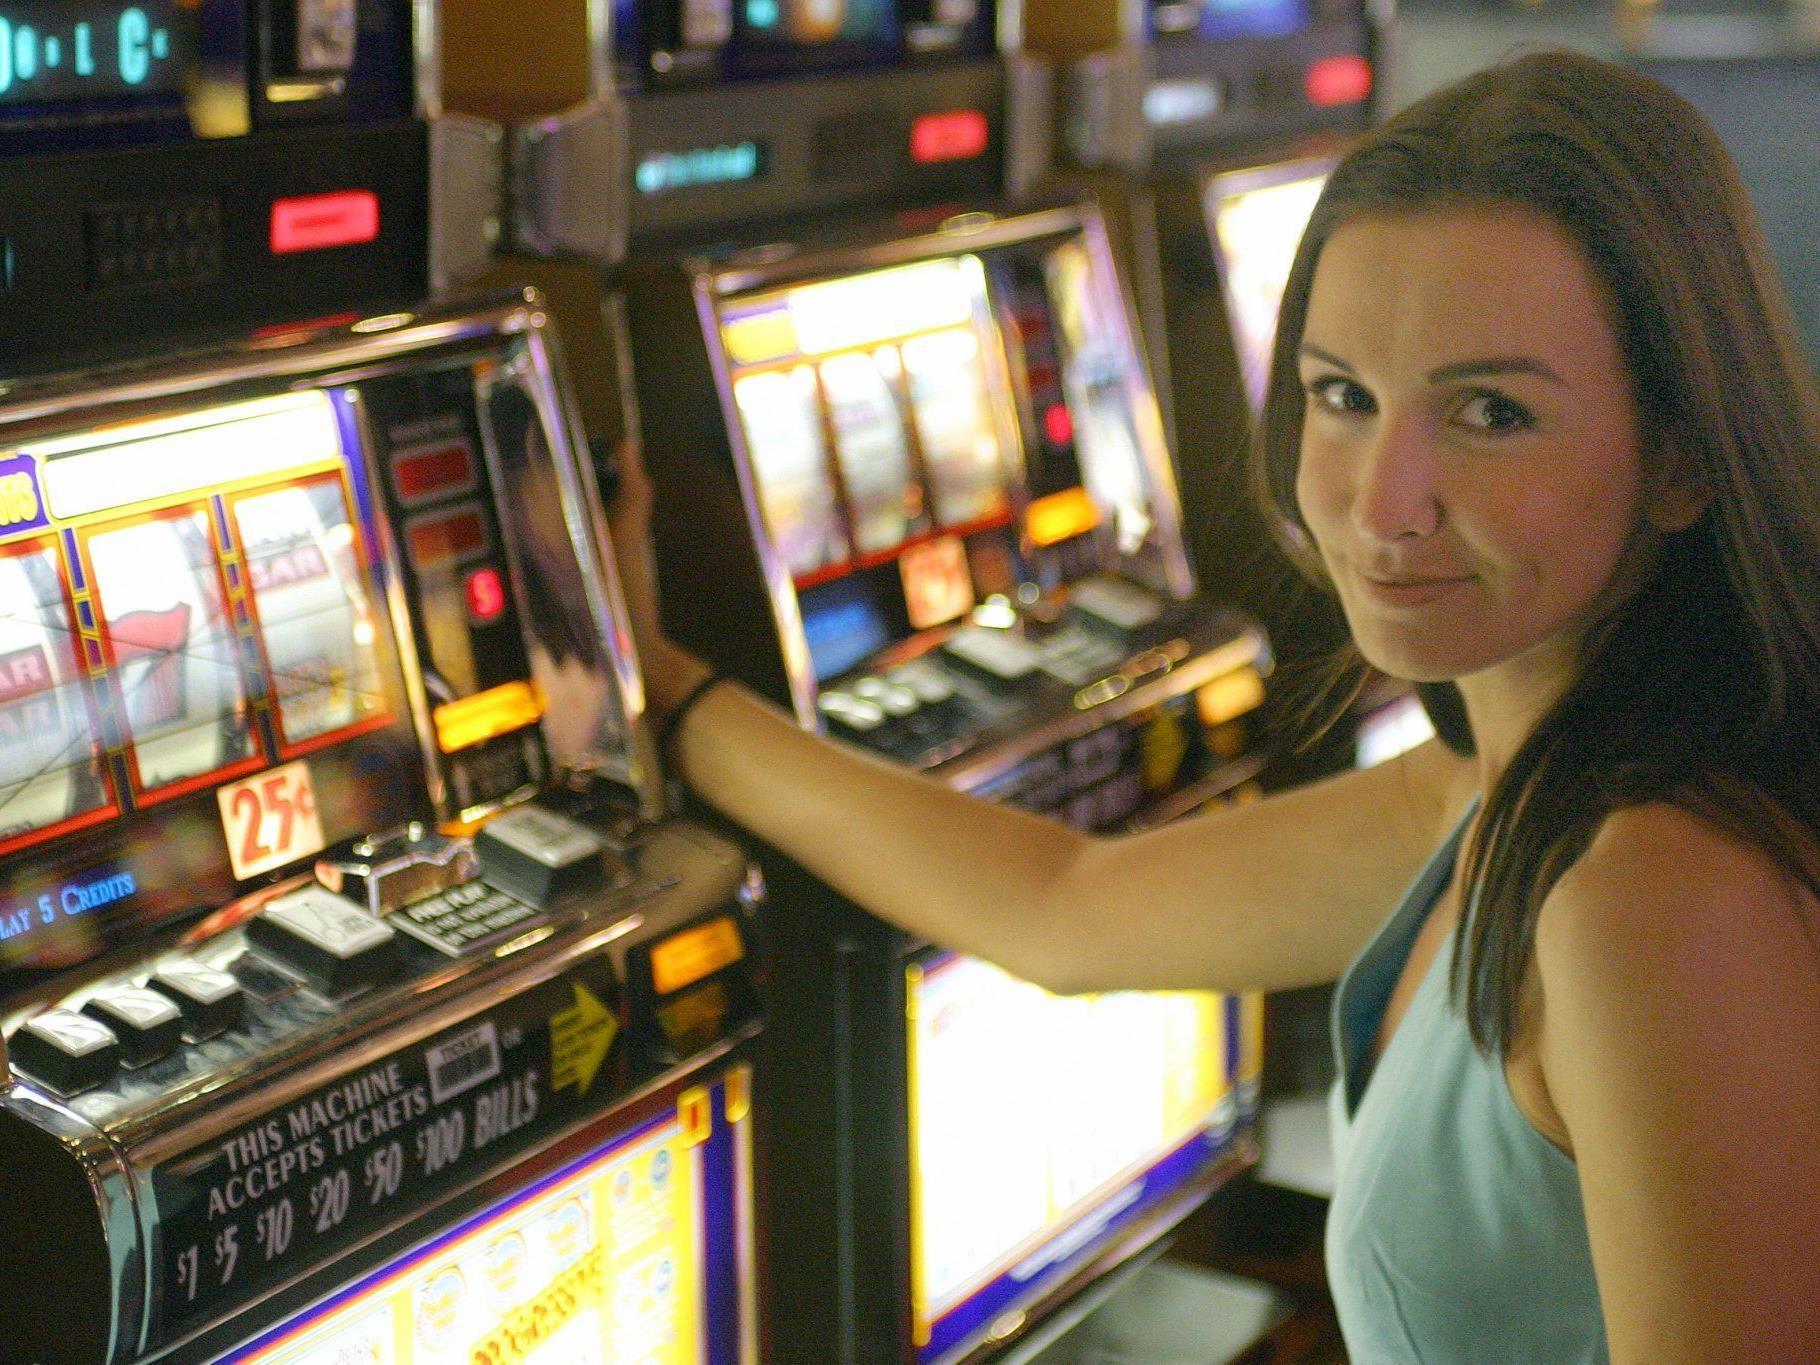 Weiterhin strenge Kontrollen im Kampf gegen das illegale Glückspiel.